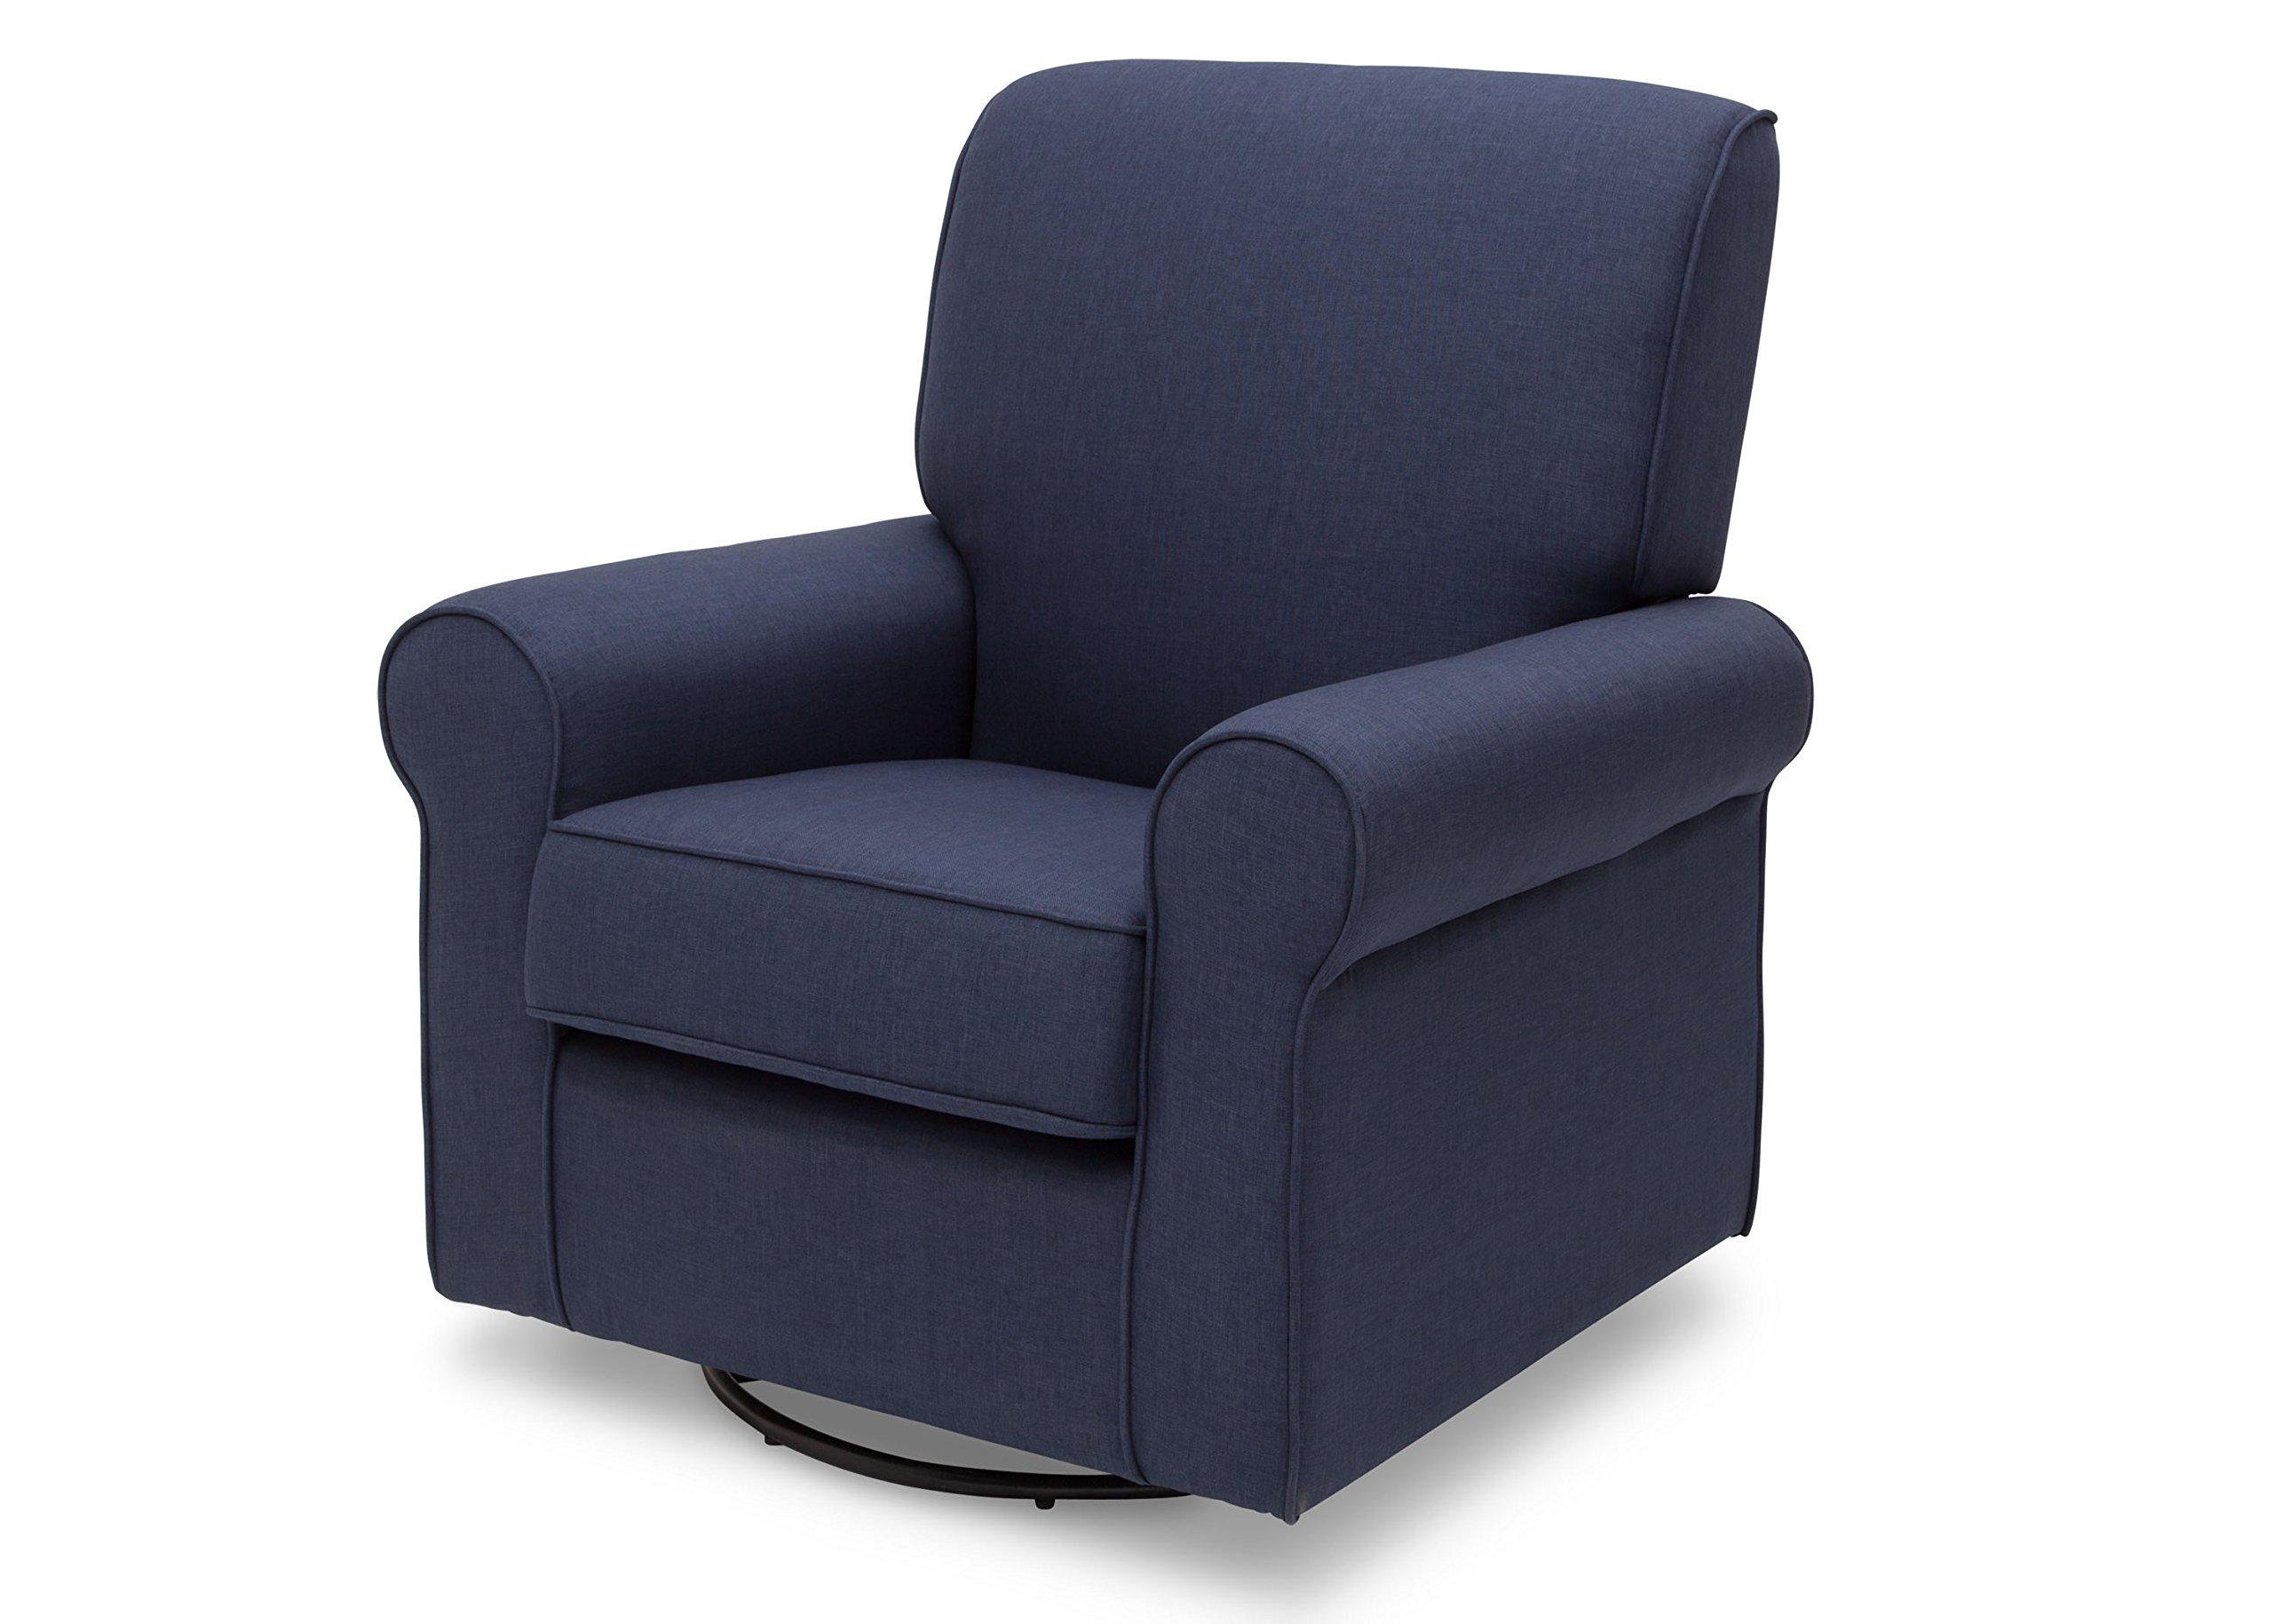 Delta Furniture Avery Upholstered Glider Swivel Rocker Chair, Sailor Blue